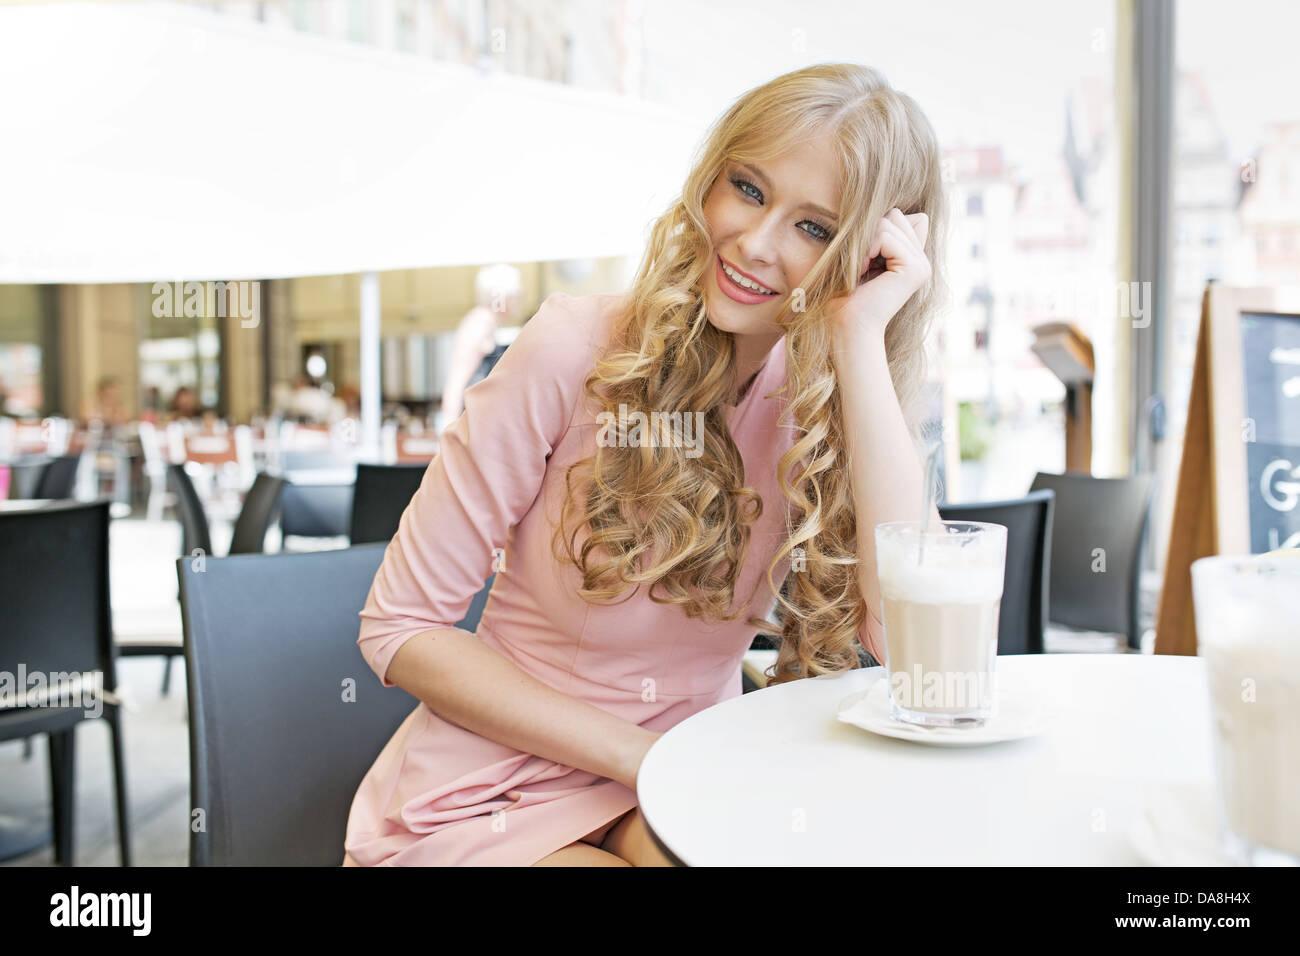 Jeune femme étonnante avec sourire tentateur Photo Stock